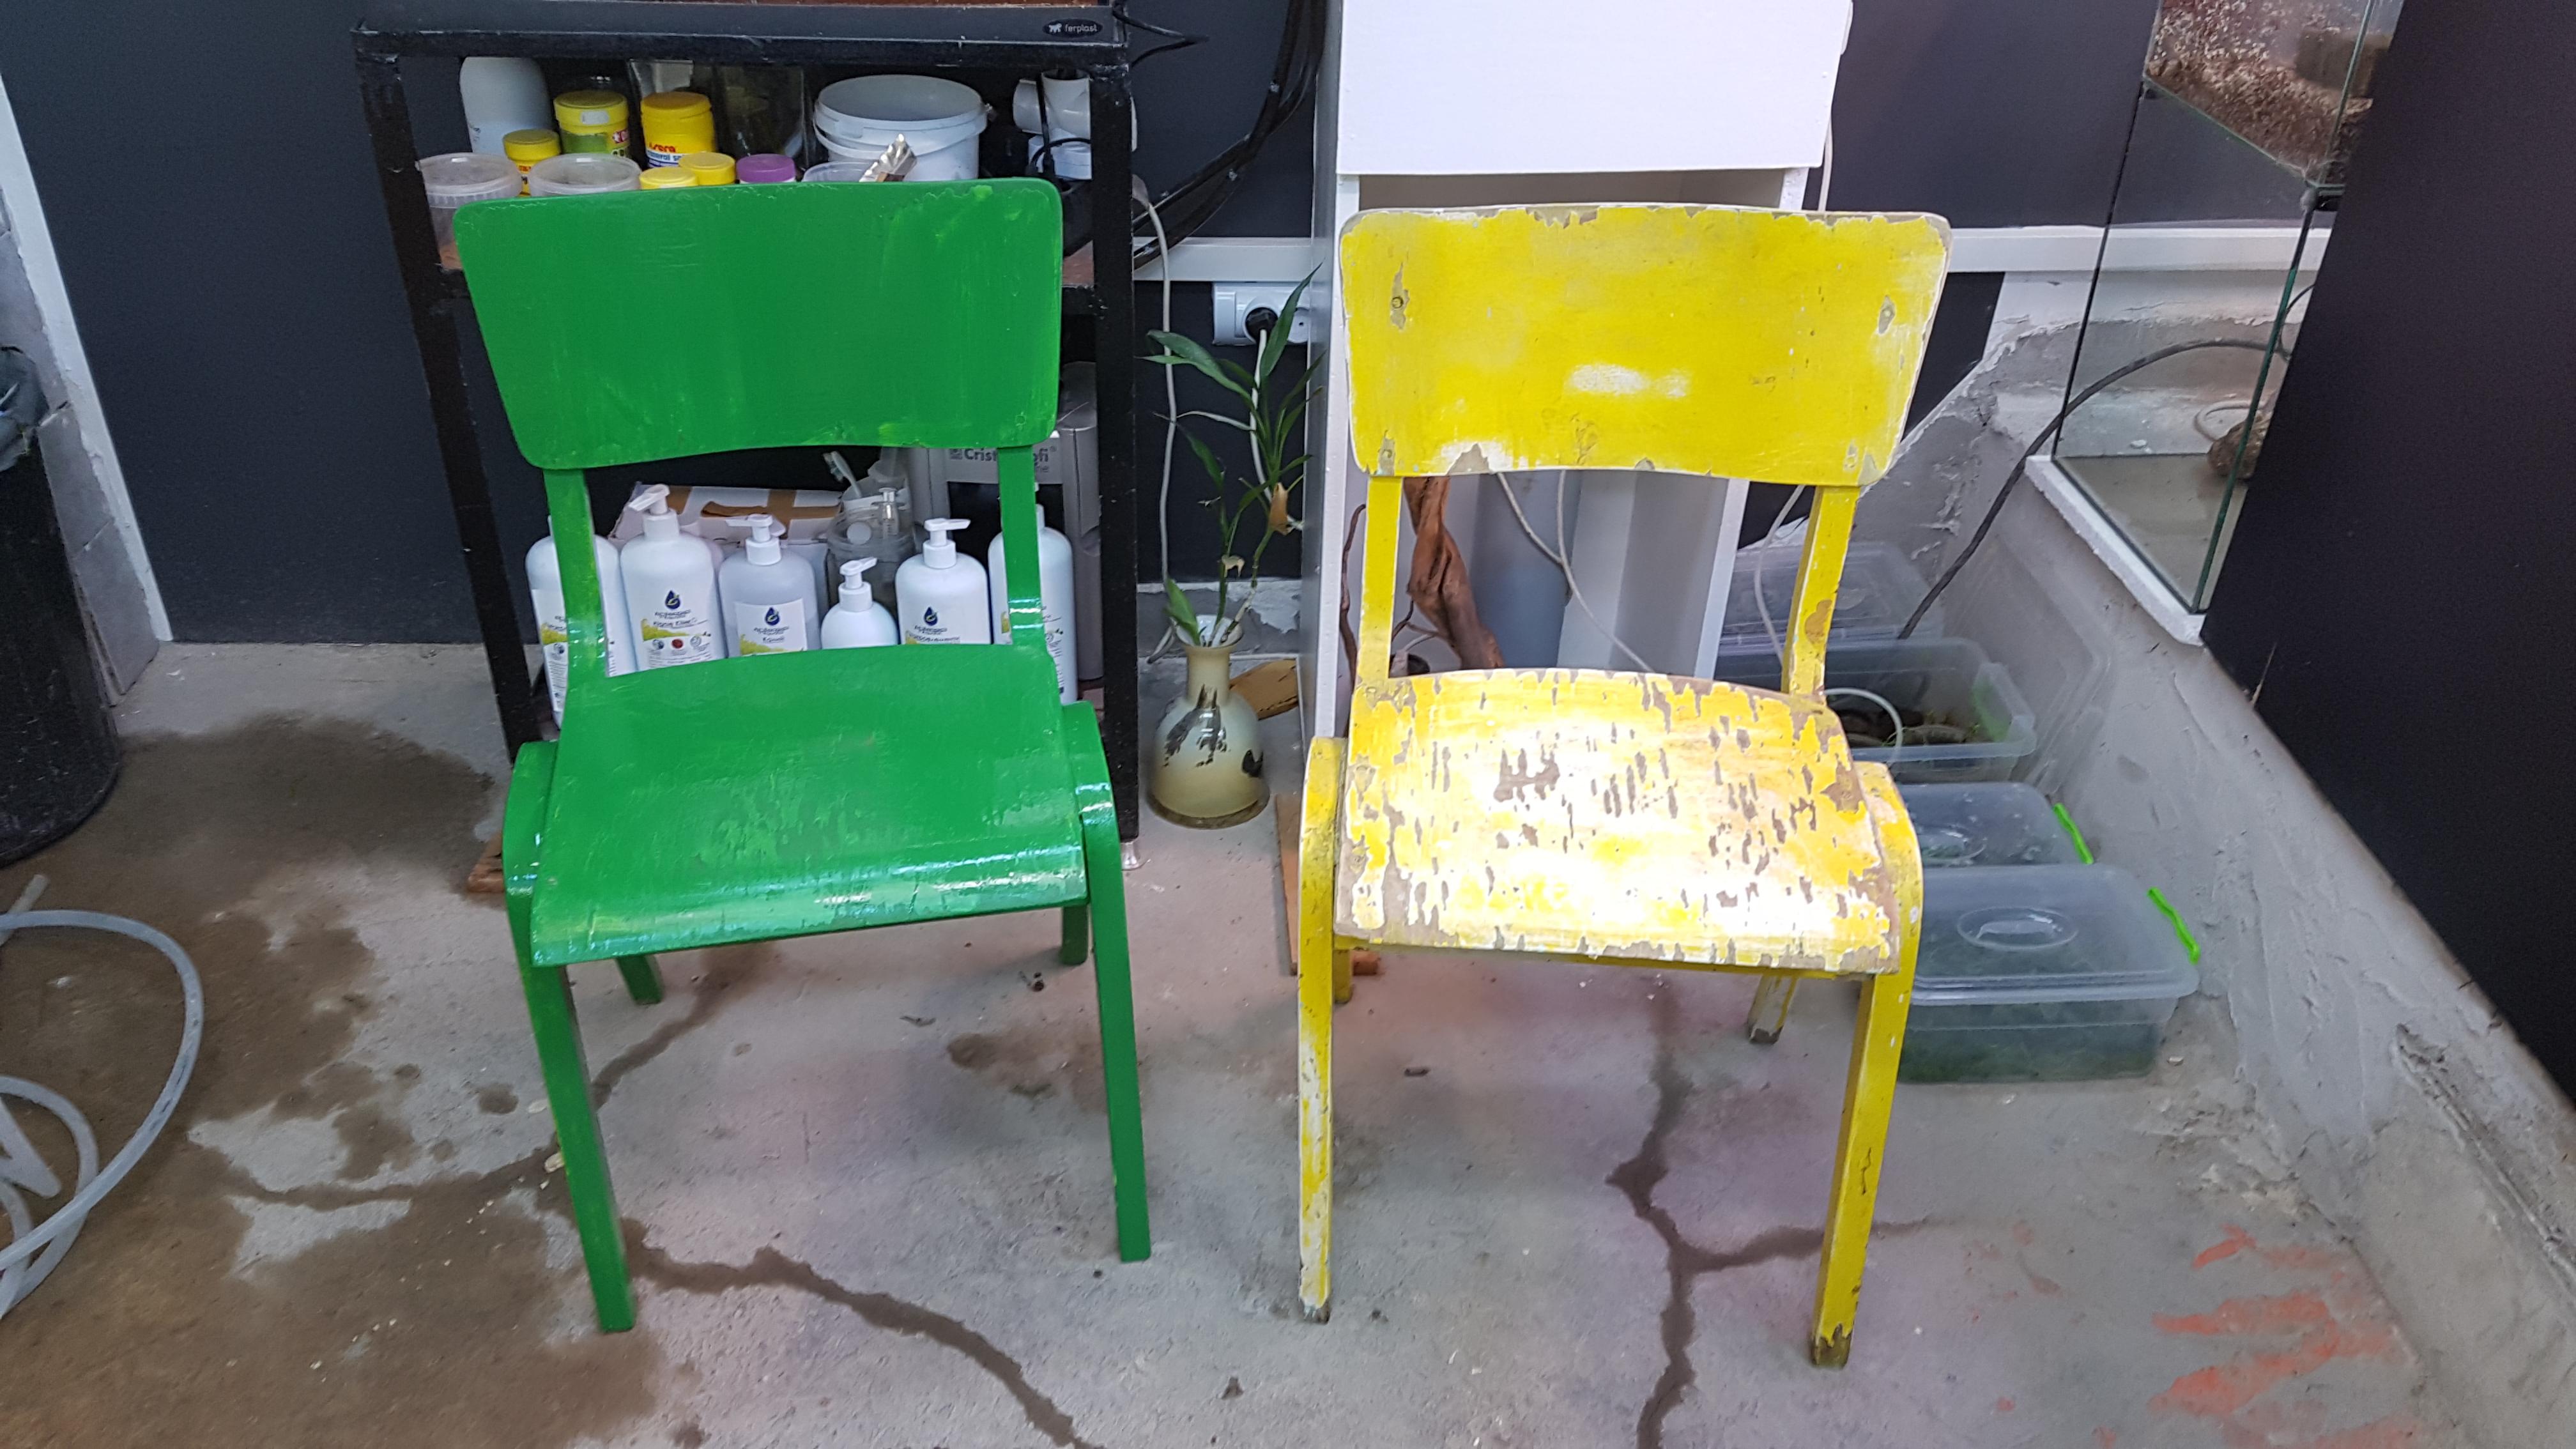 Реставрация на столове в Акваскейп Галерията